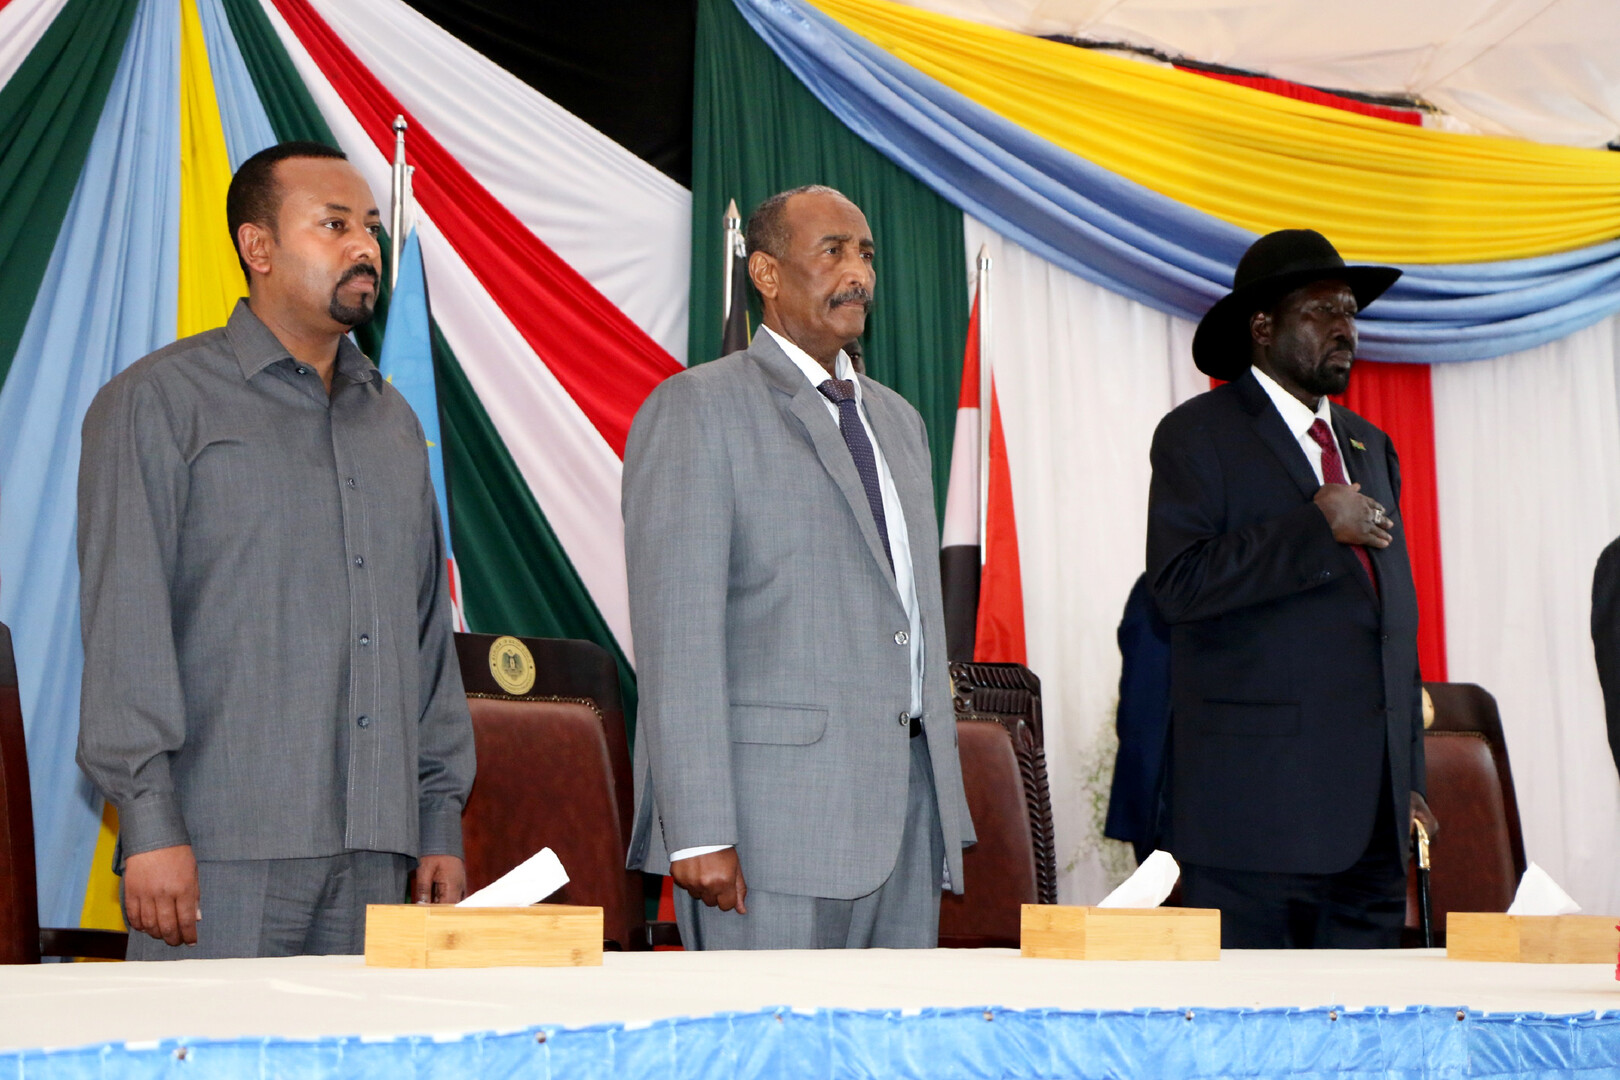 بالفيديو.. البرهان ترأس اجتماع وفد الحكومة السودانية في جوبا